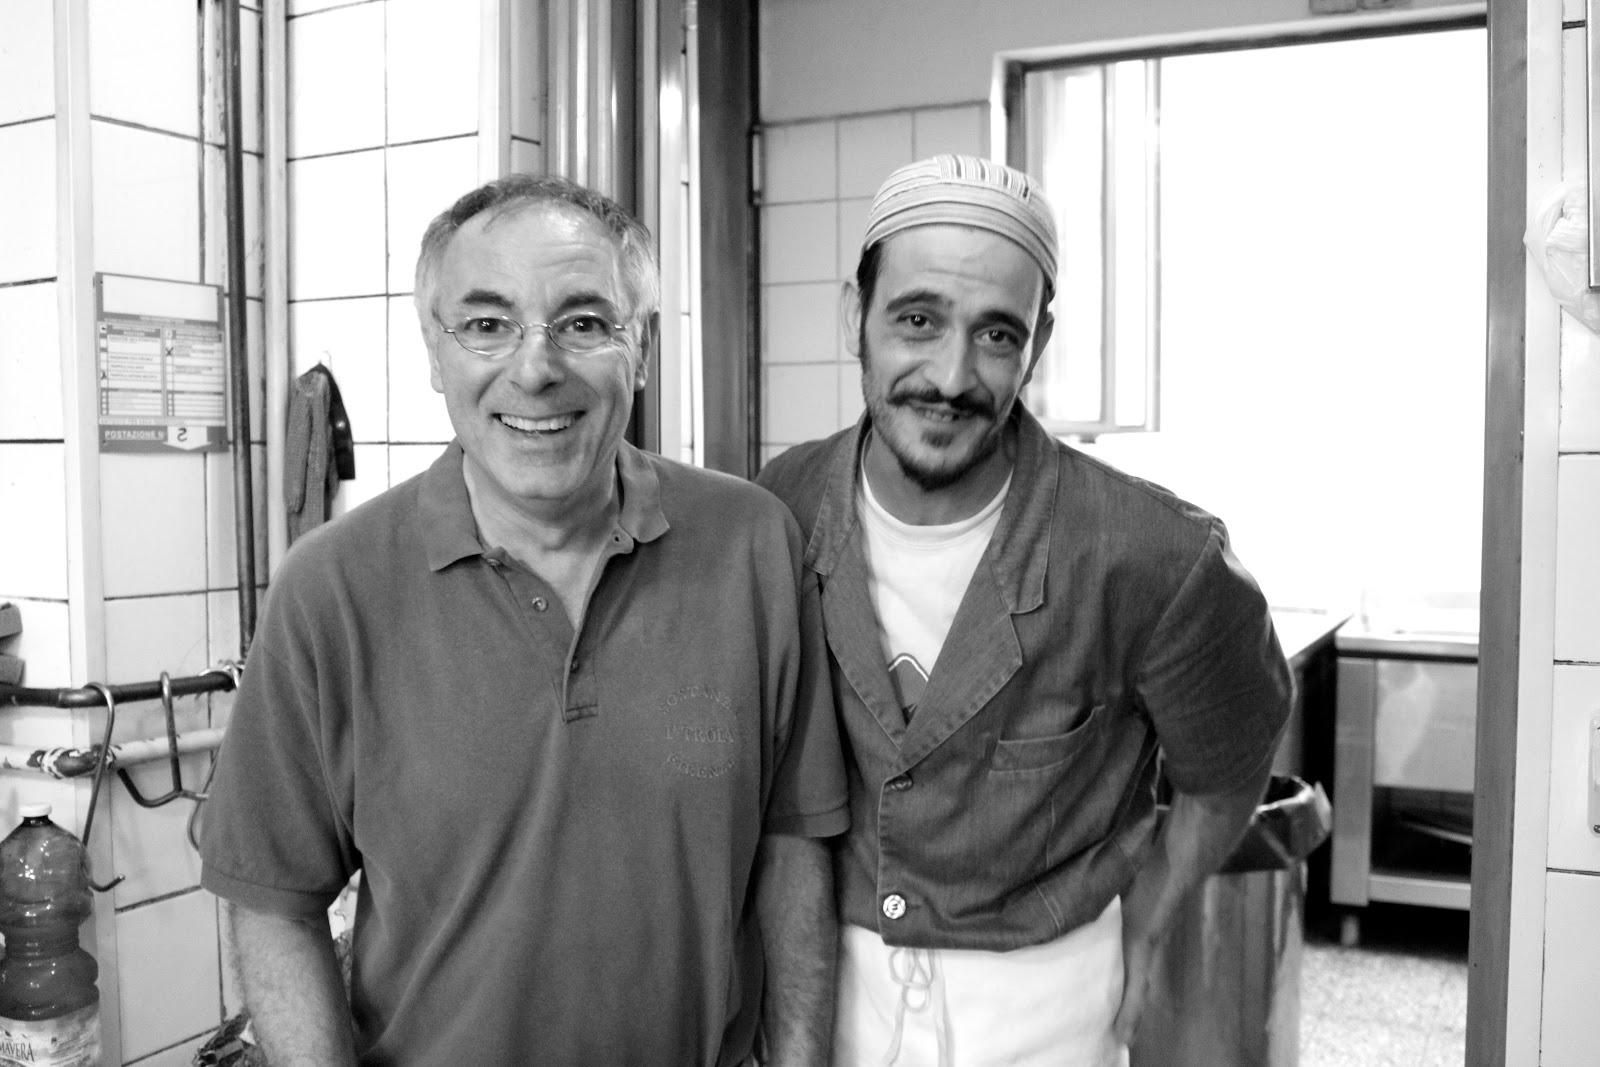 Trattoria Sostanza Firenze chef kitchen